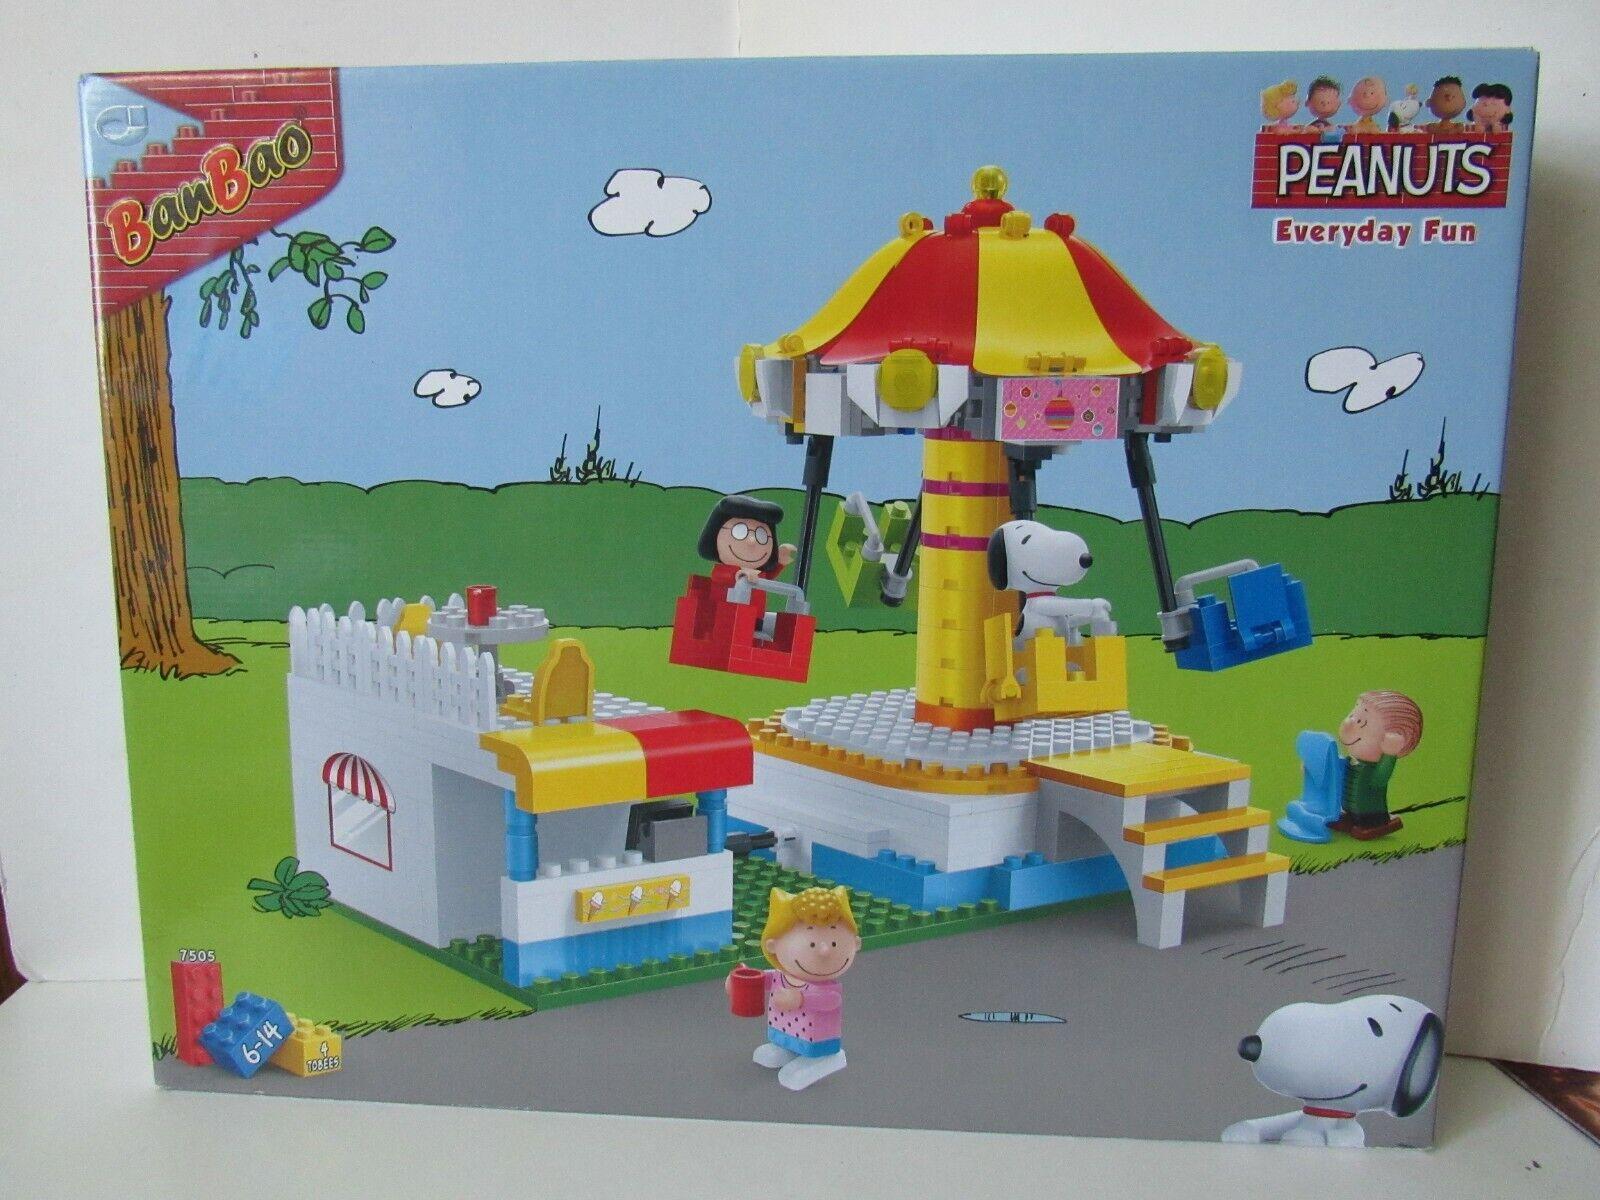 BanBao Peanuts Snoopy todos los días de Cochenaval Swing Rider Diversión bloque de construcción Set  7505